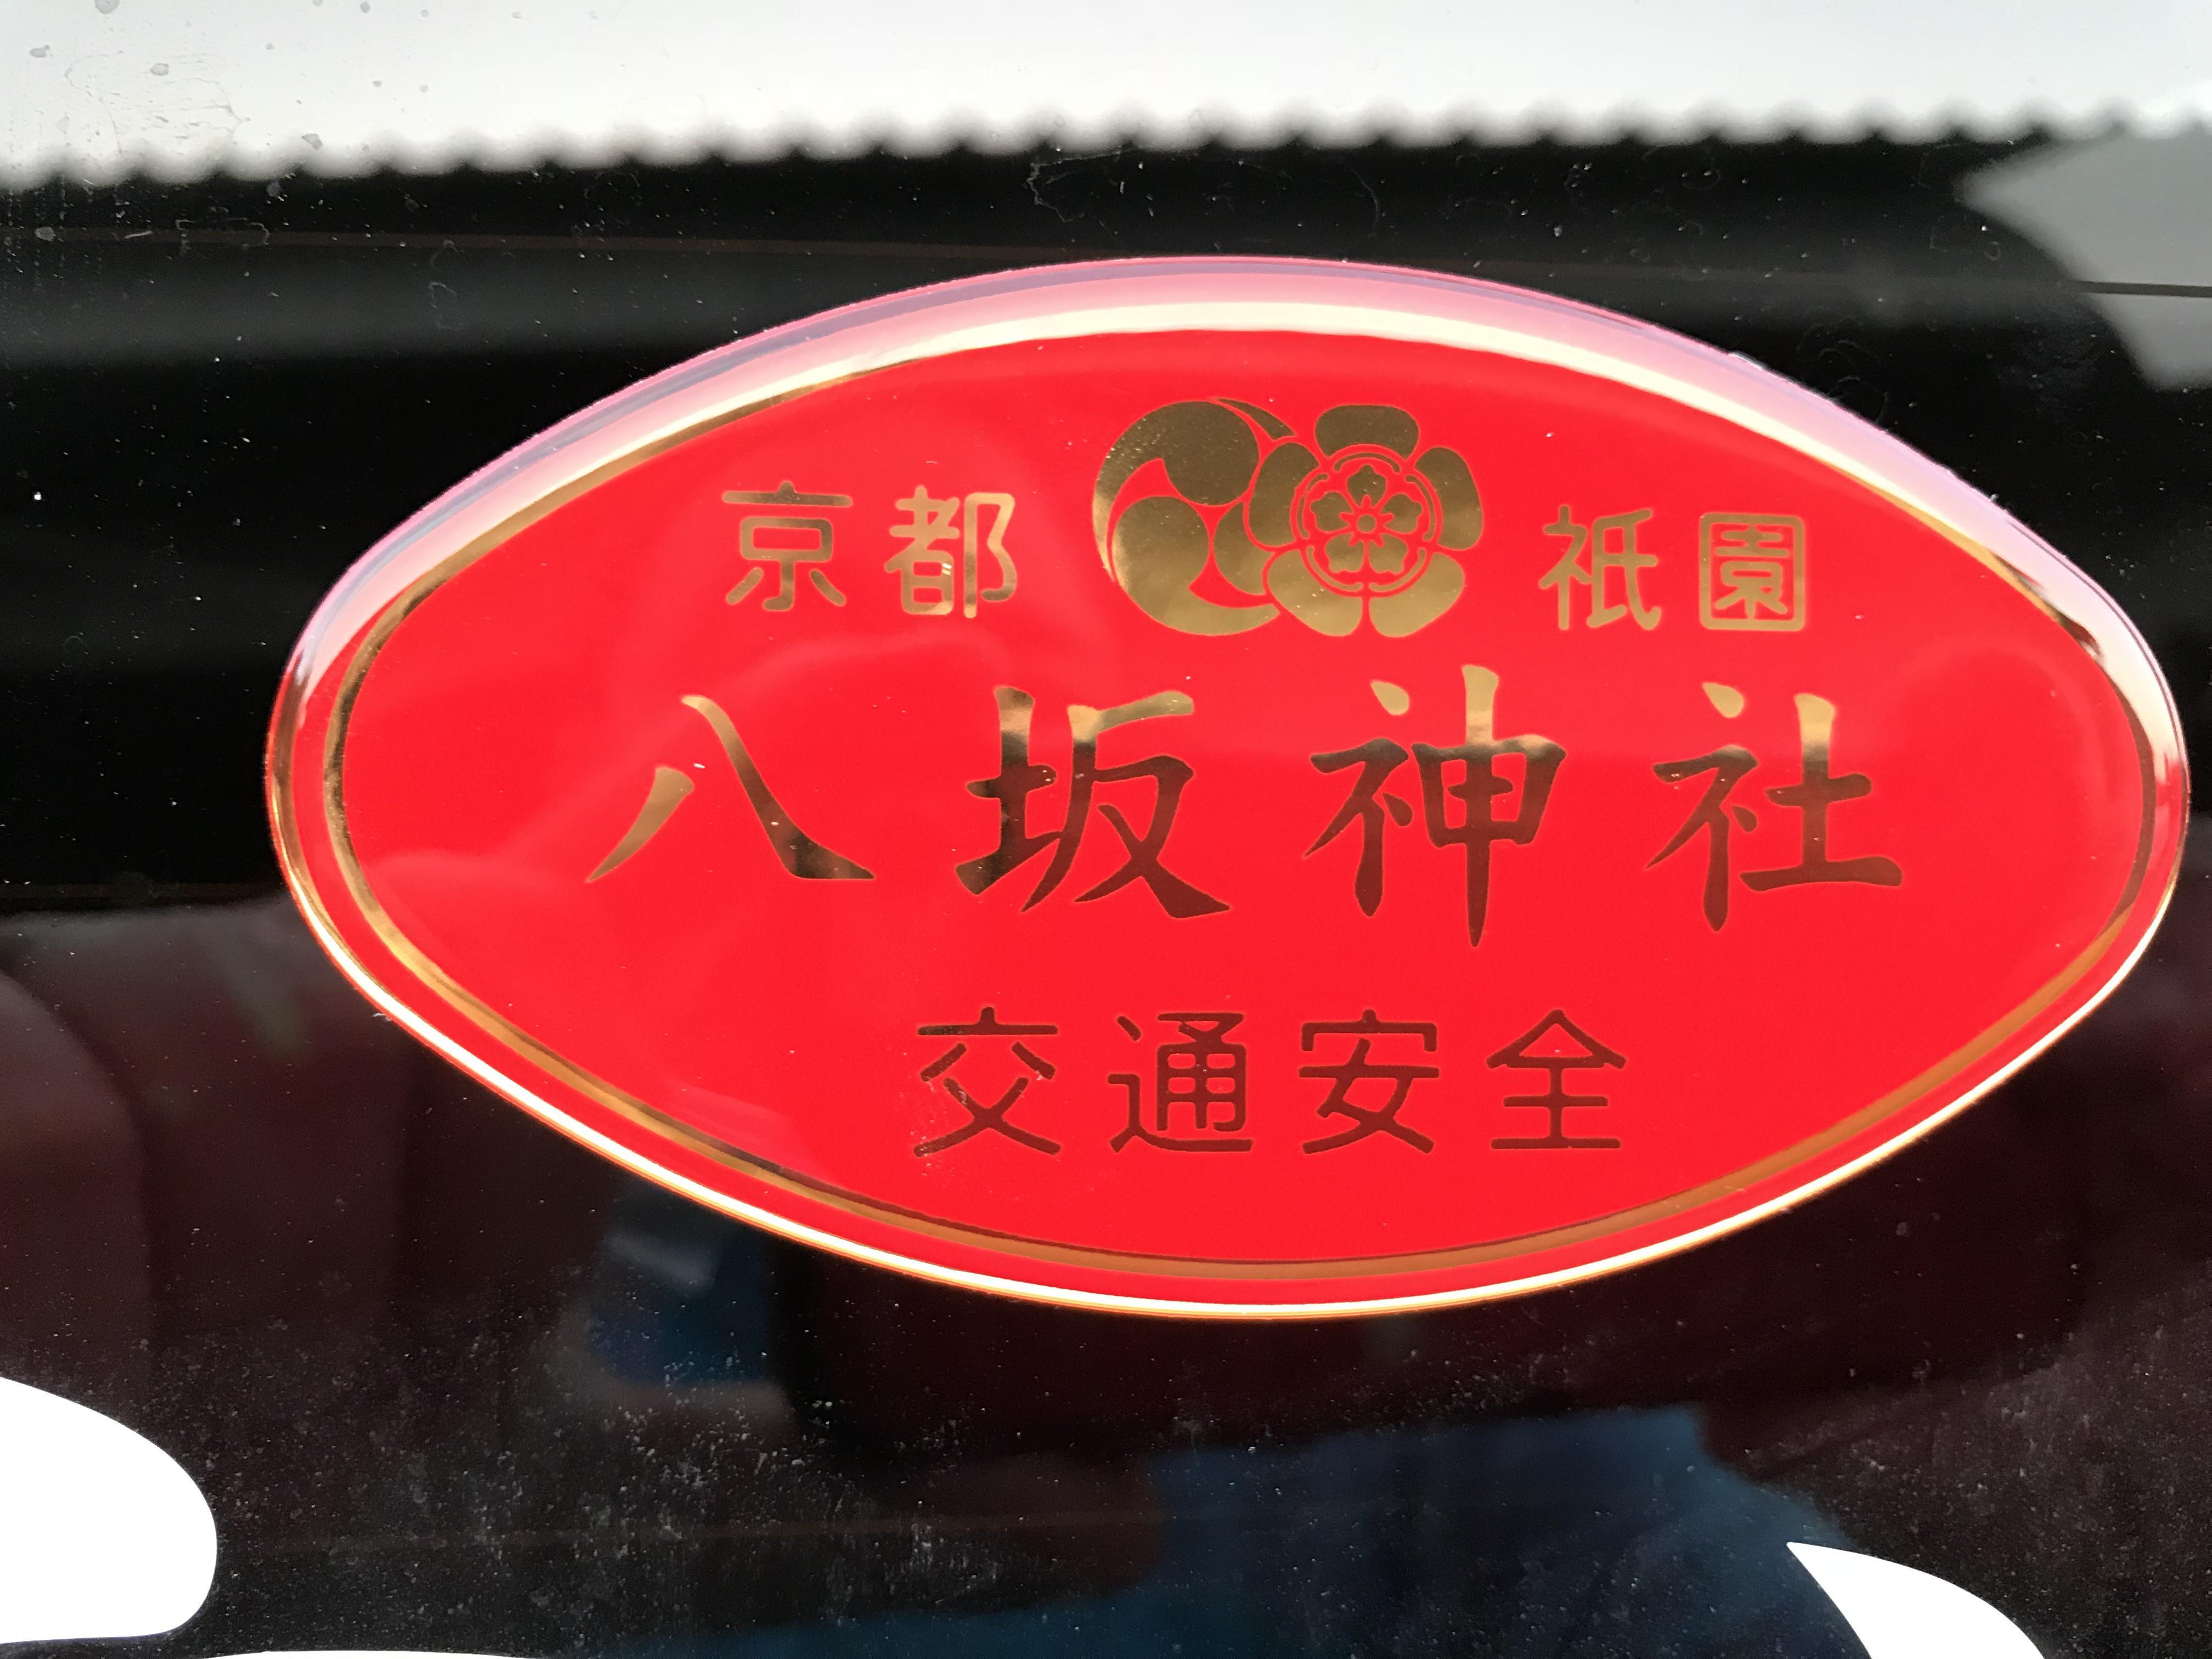 八坂神社(祇園さん)のお守り